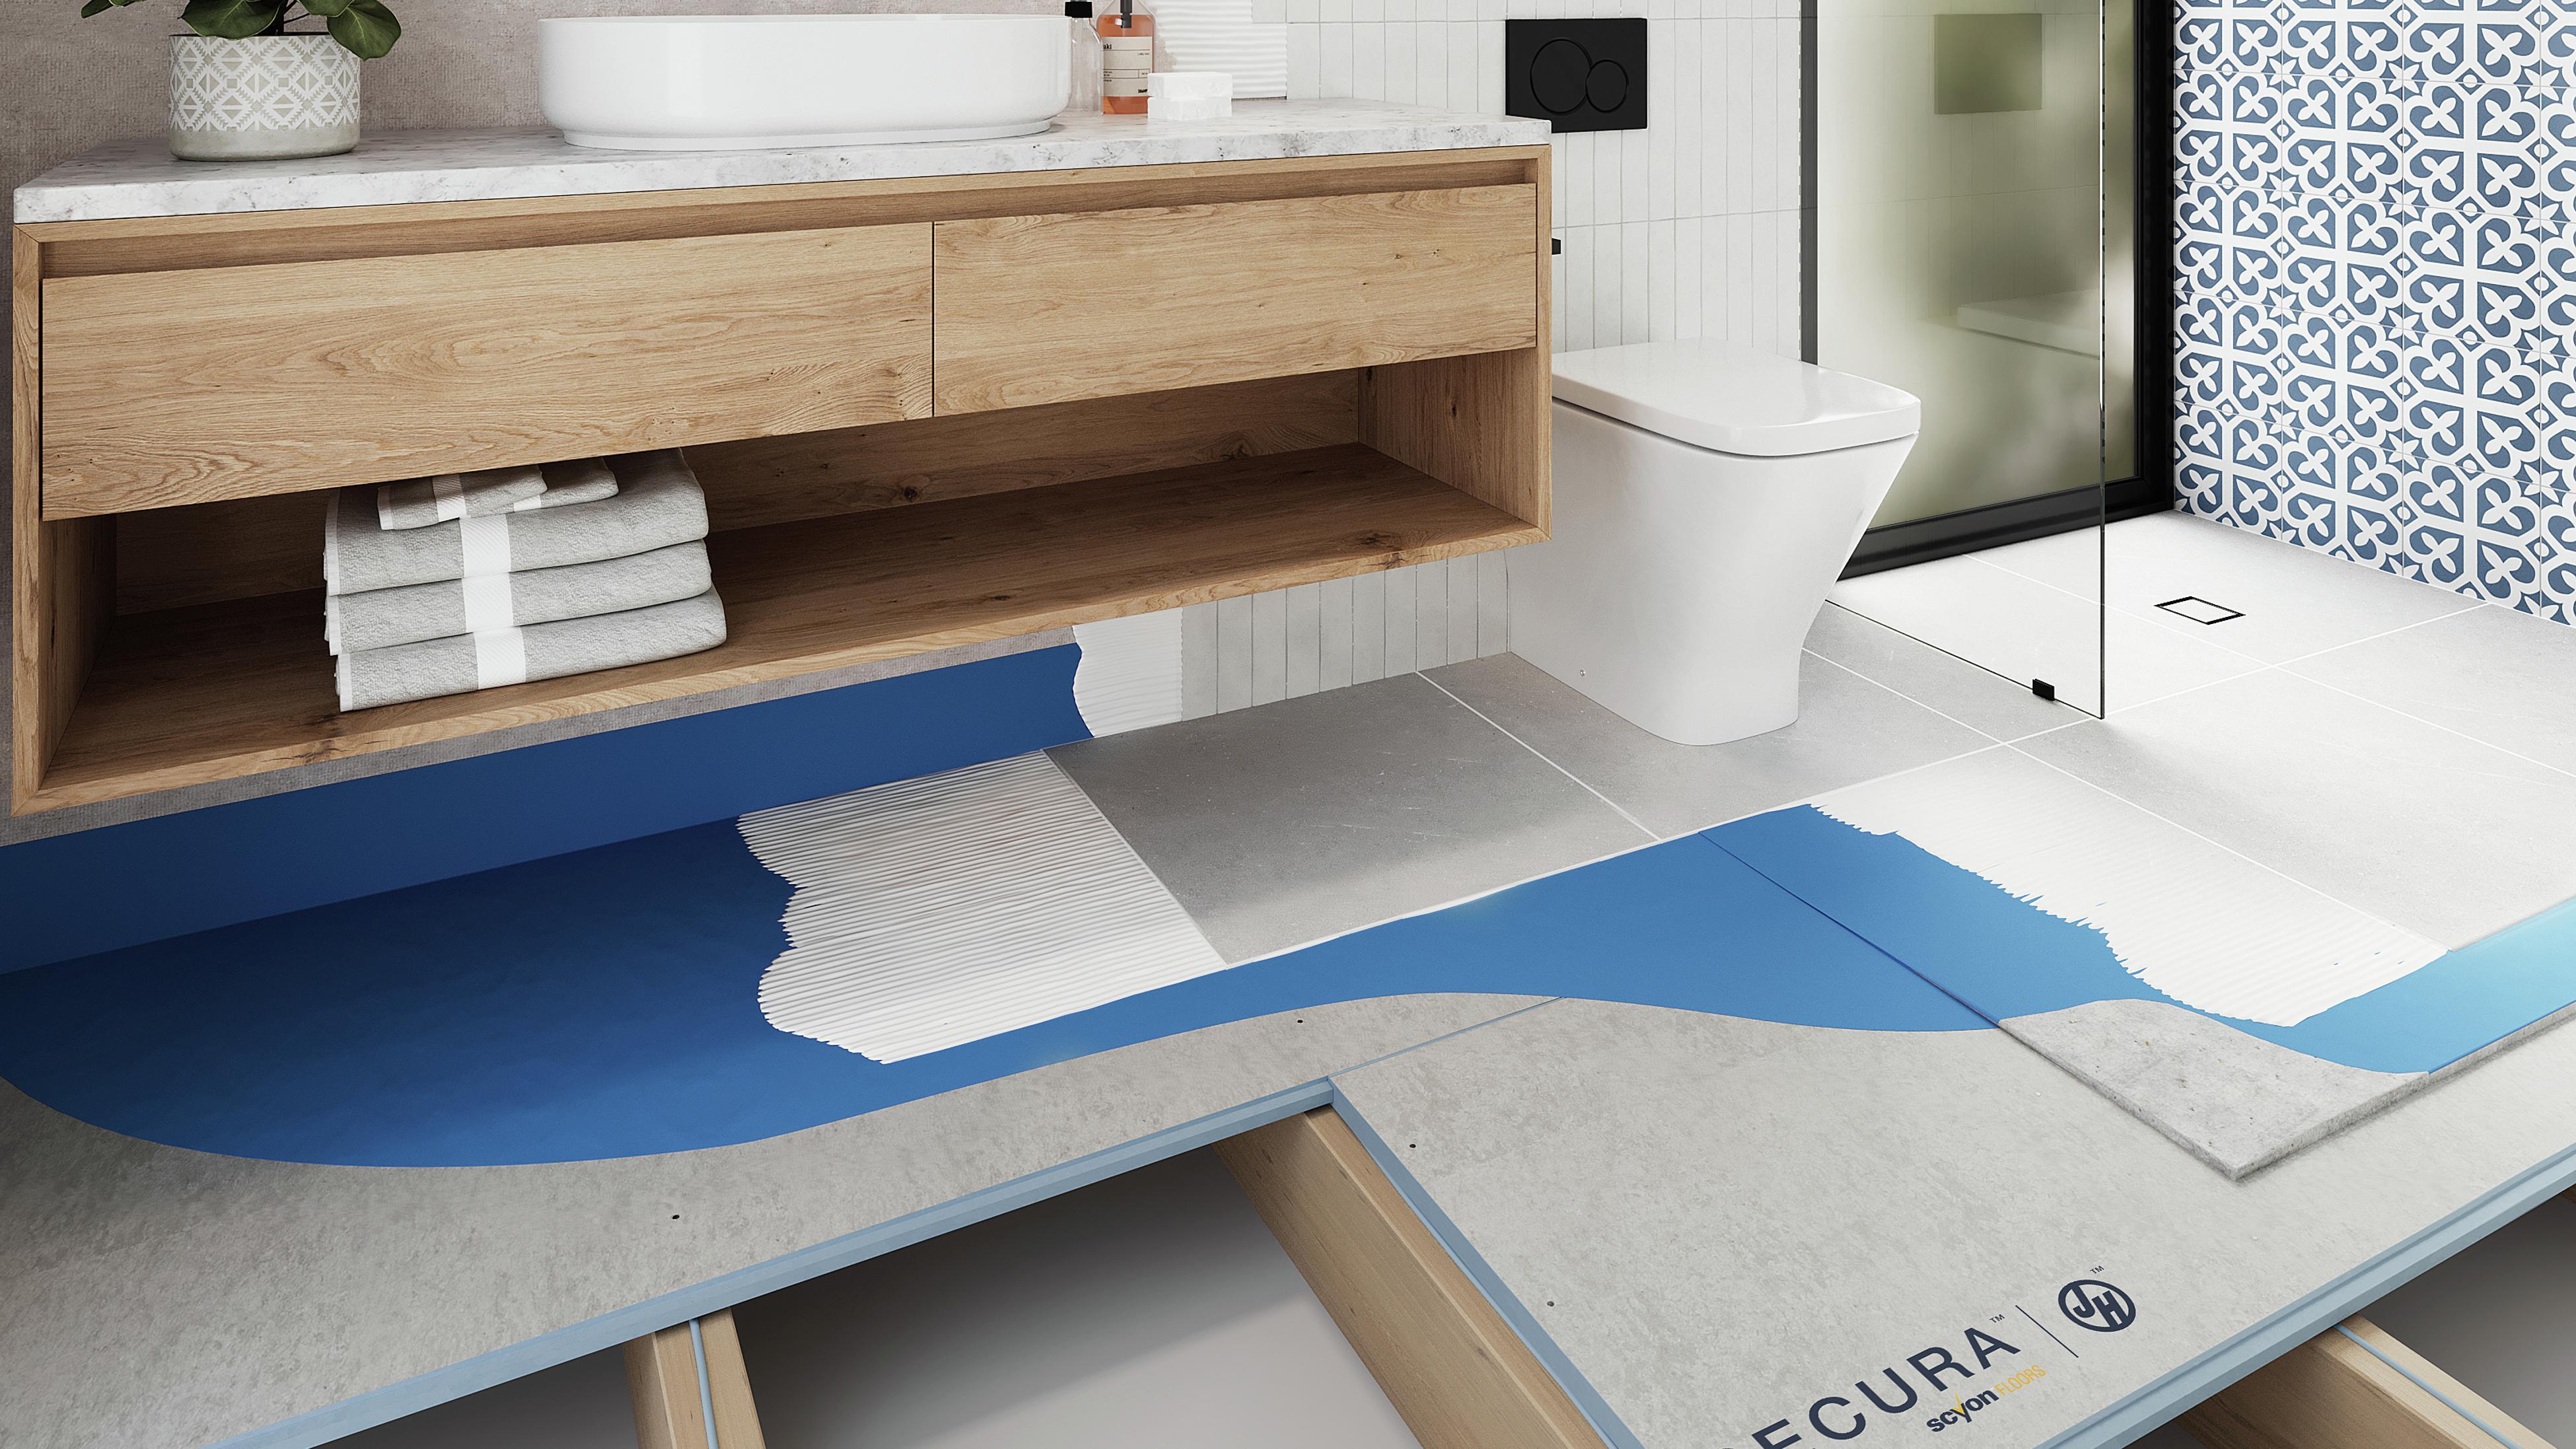 A Secura from James Hardie bathroom floor